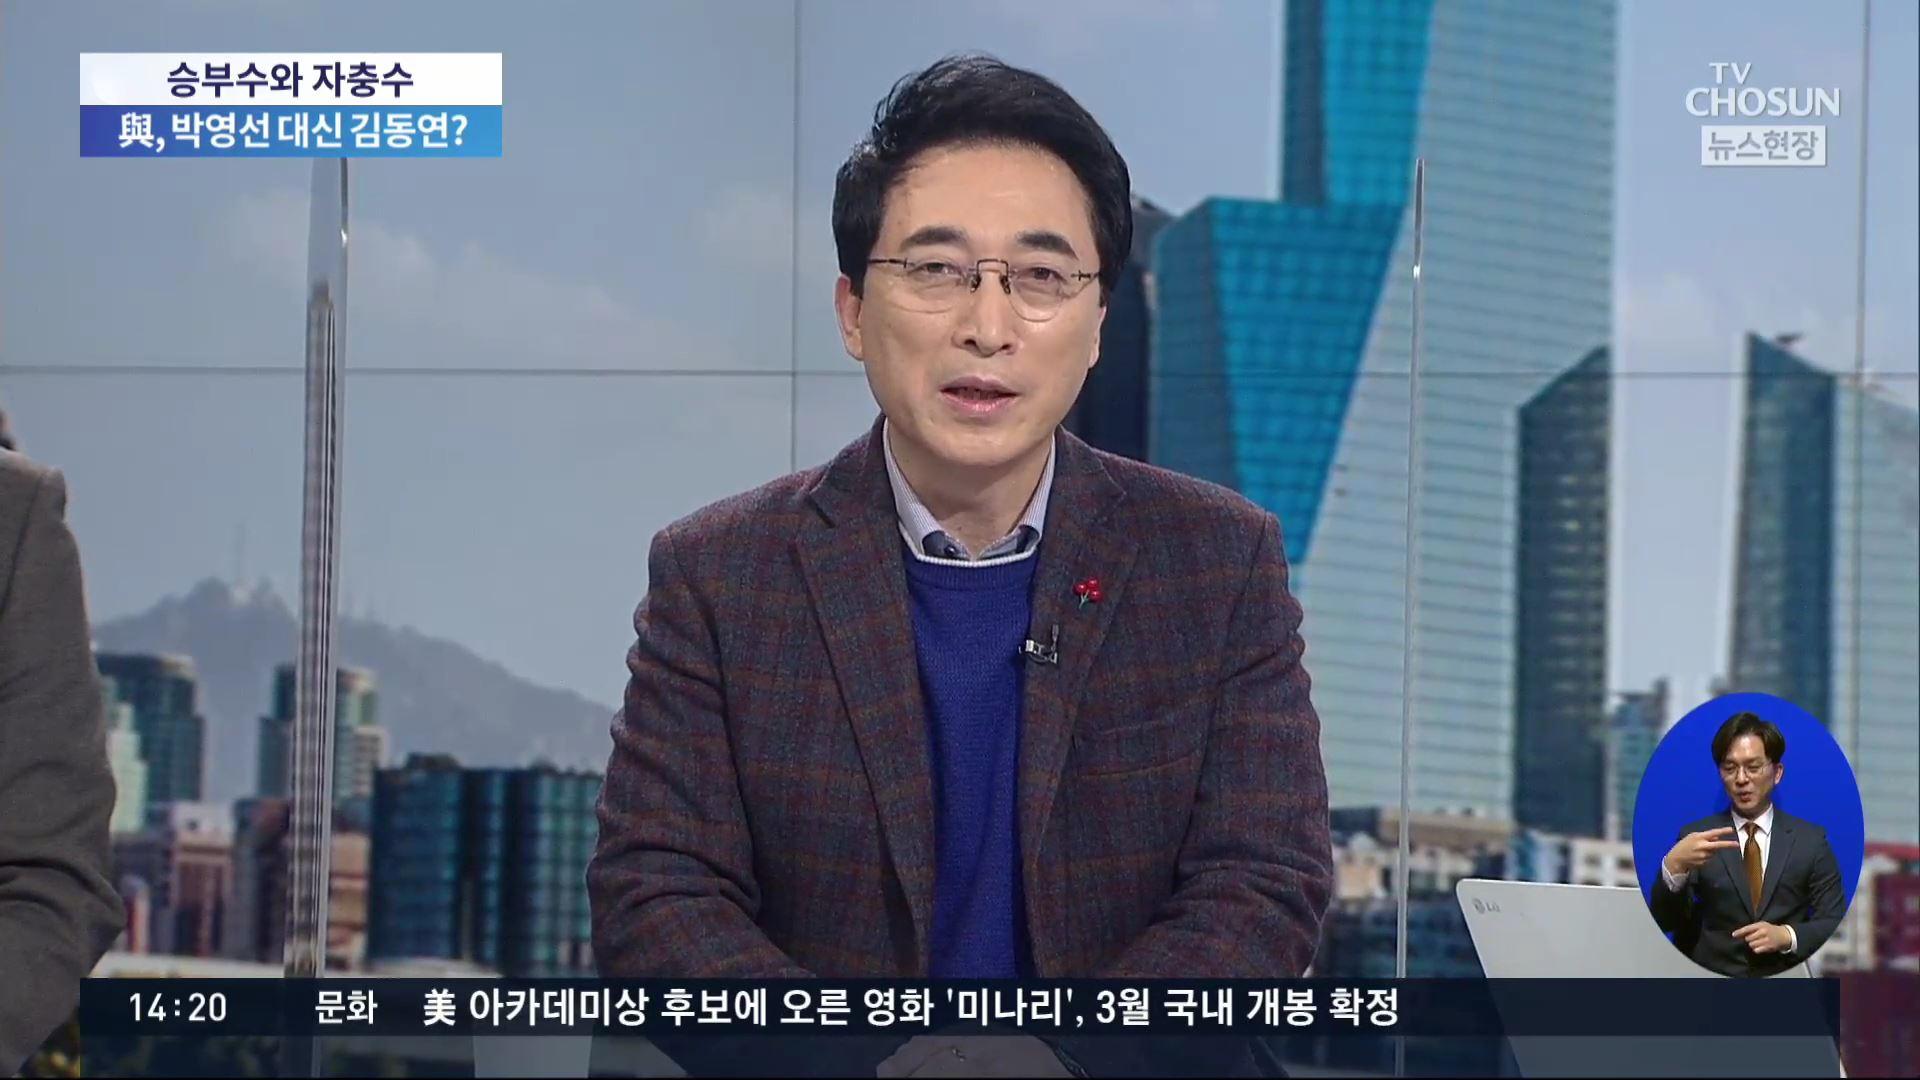 김동연 前 부총리, 與 서울시장 경선 출마?